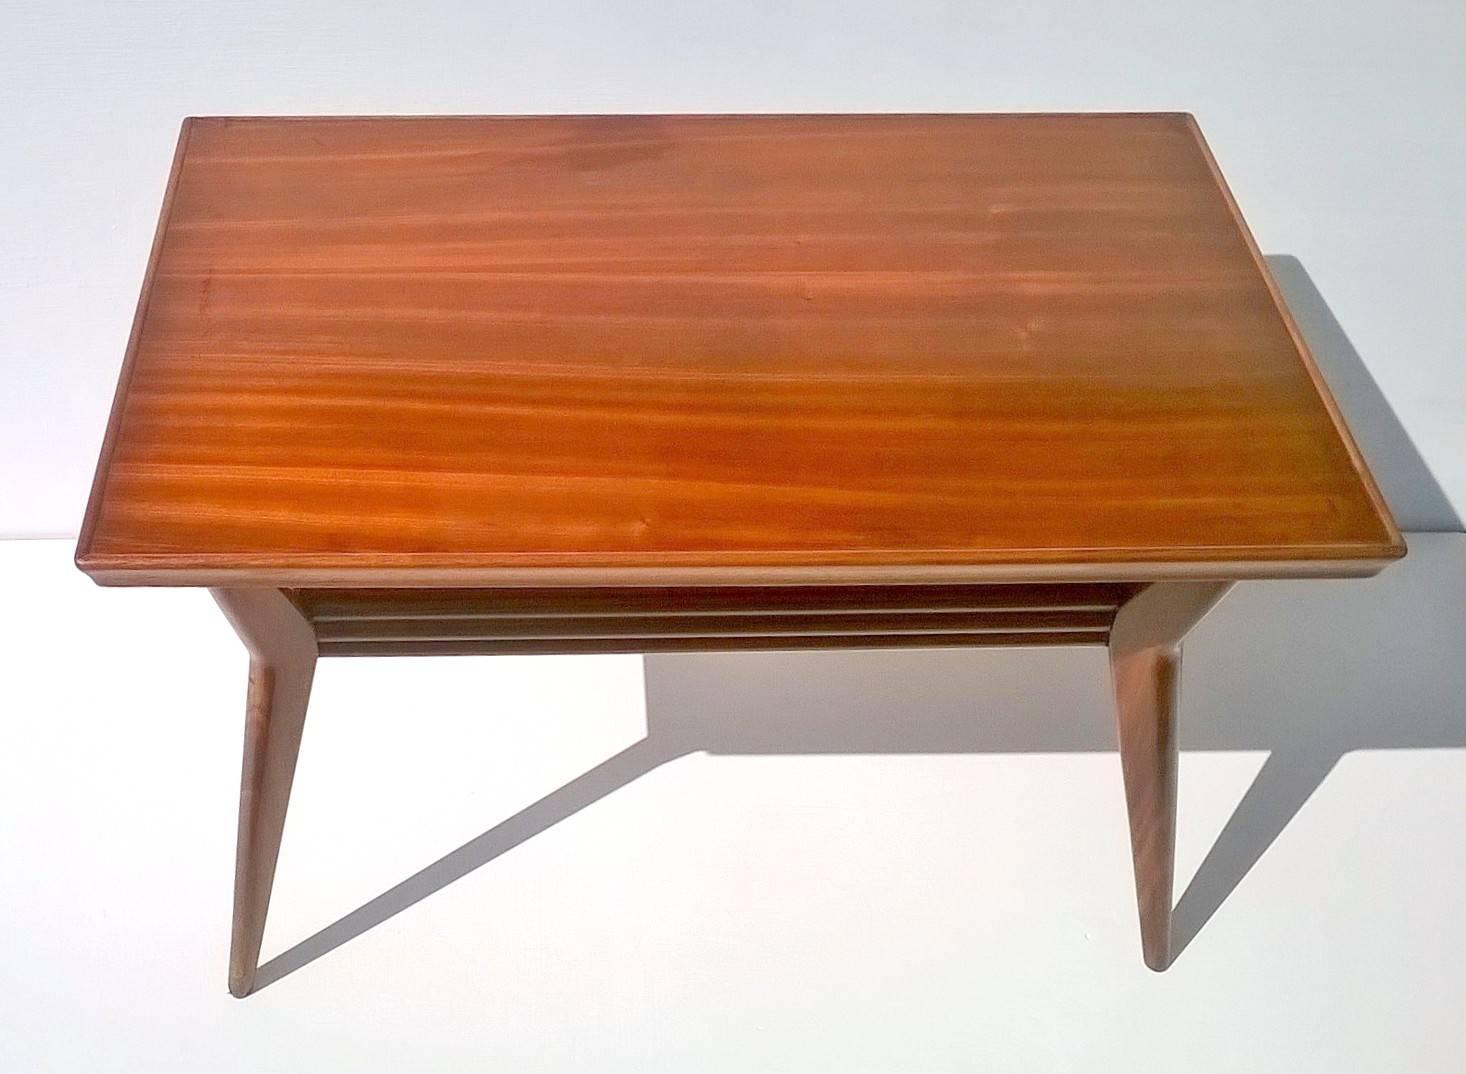 Art Deco Italian Mahogany Coffee Table, 1930S For Sale At Pamono regarding Mahogany Coffee Tables (Image 2 of 30)